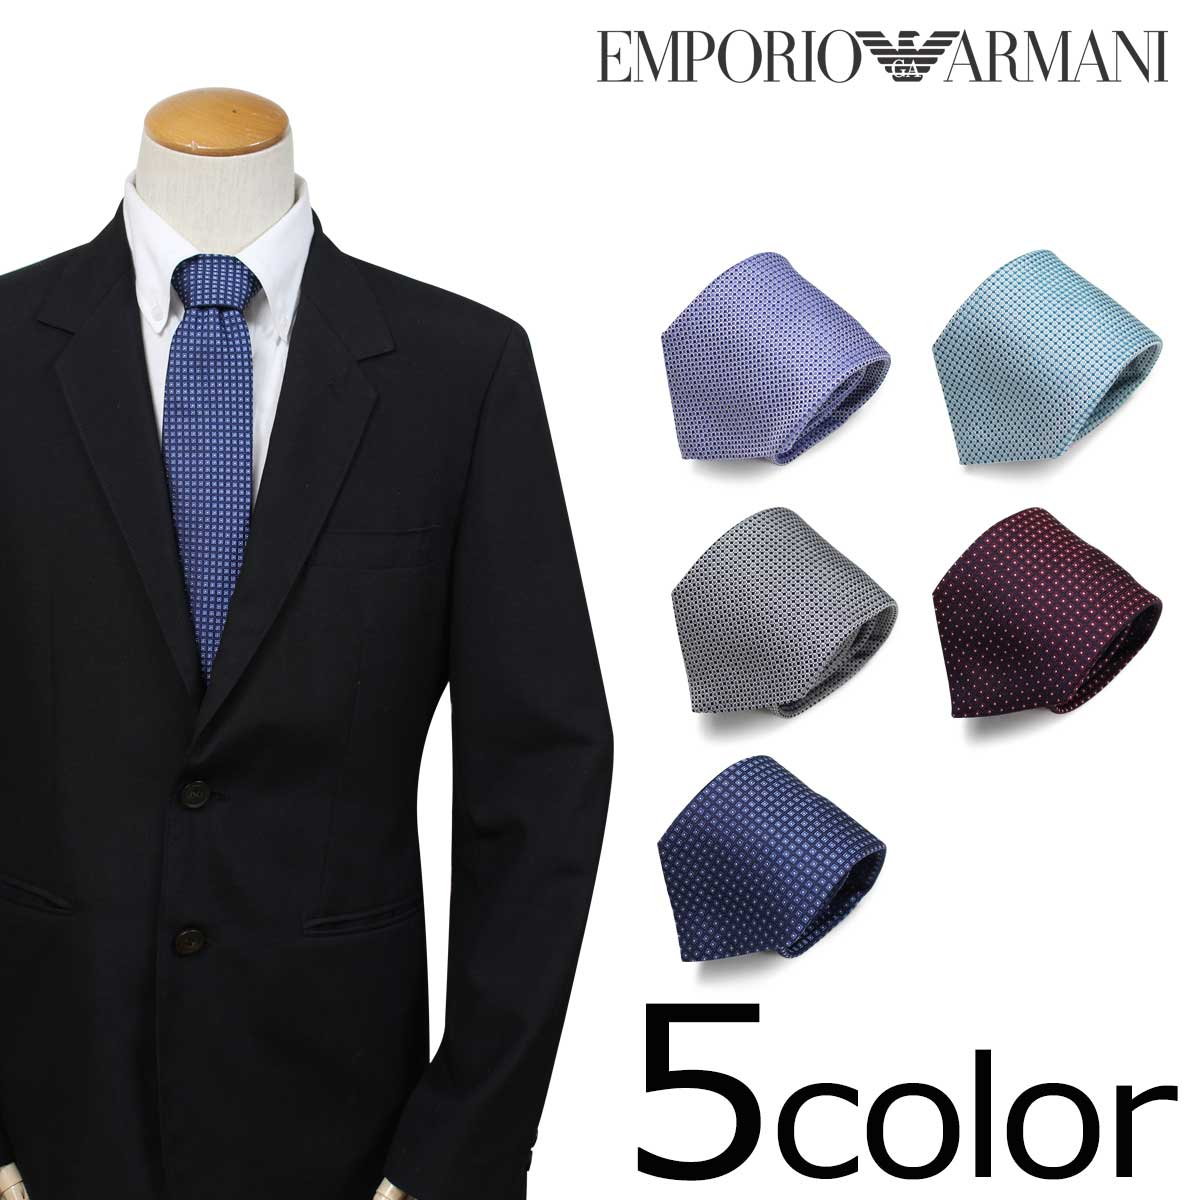 EMPORIO ARMANI エンポリオ アルマーニ ネクタイ イタリア製 シルク ビジネス 結婚式 メンズ [186] 【決算セール 返品不可】